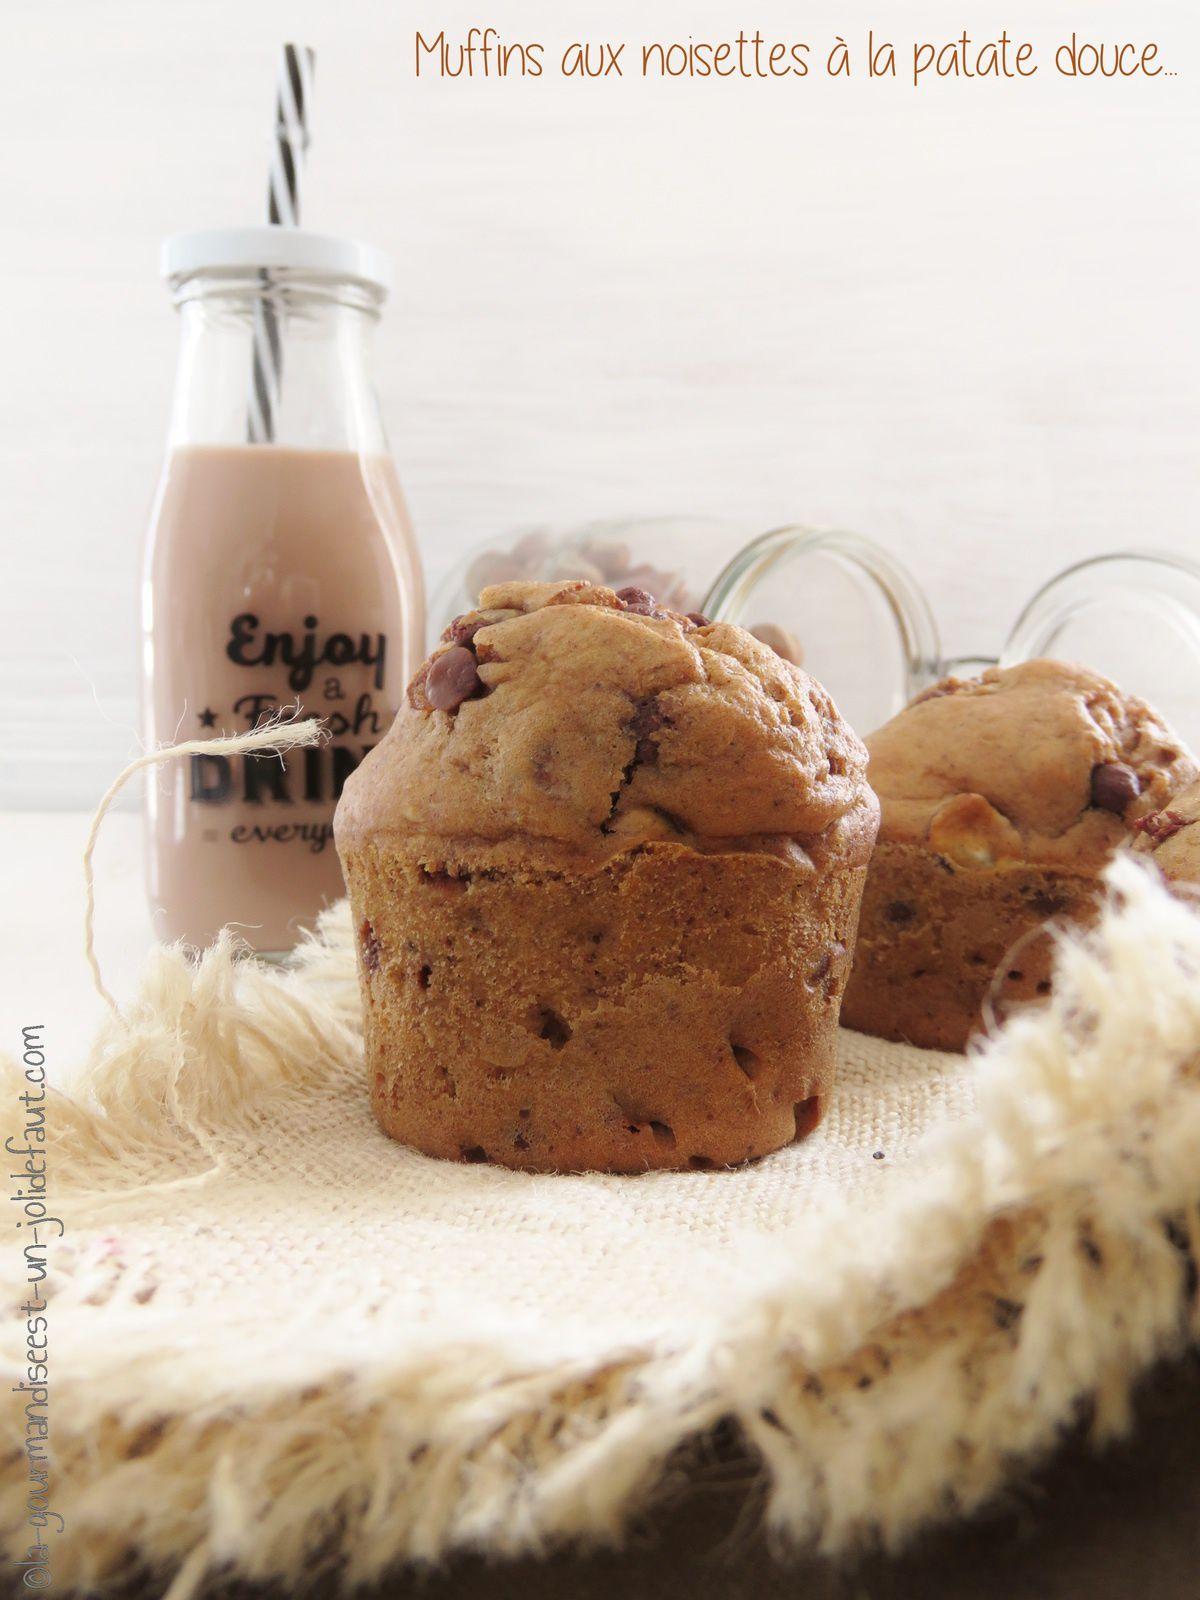 Muffins à la patate douce, noisettes et chocolat